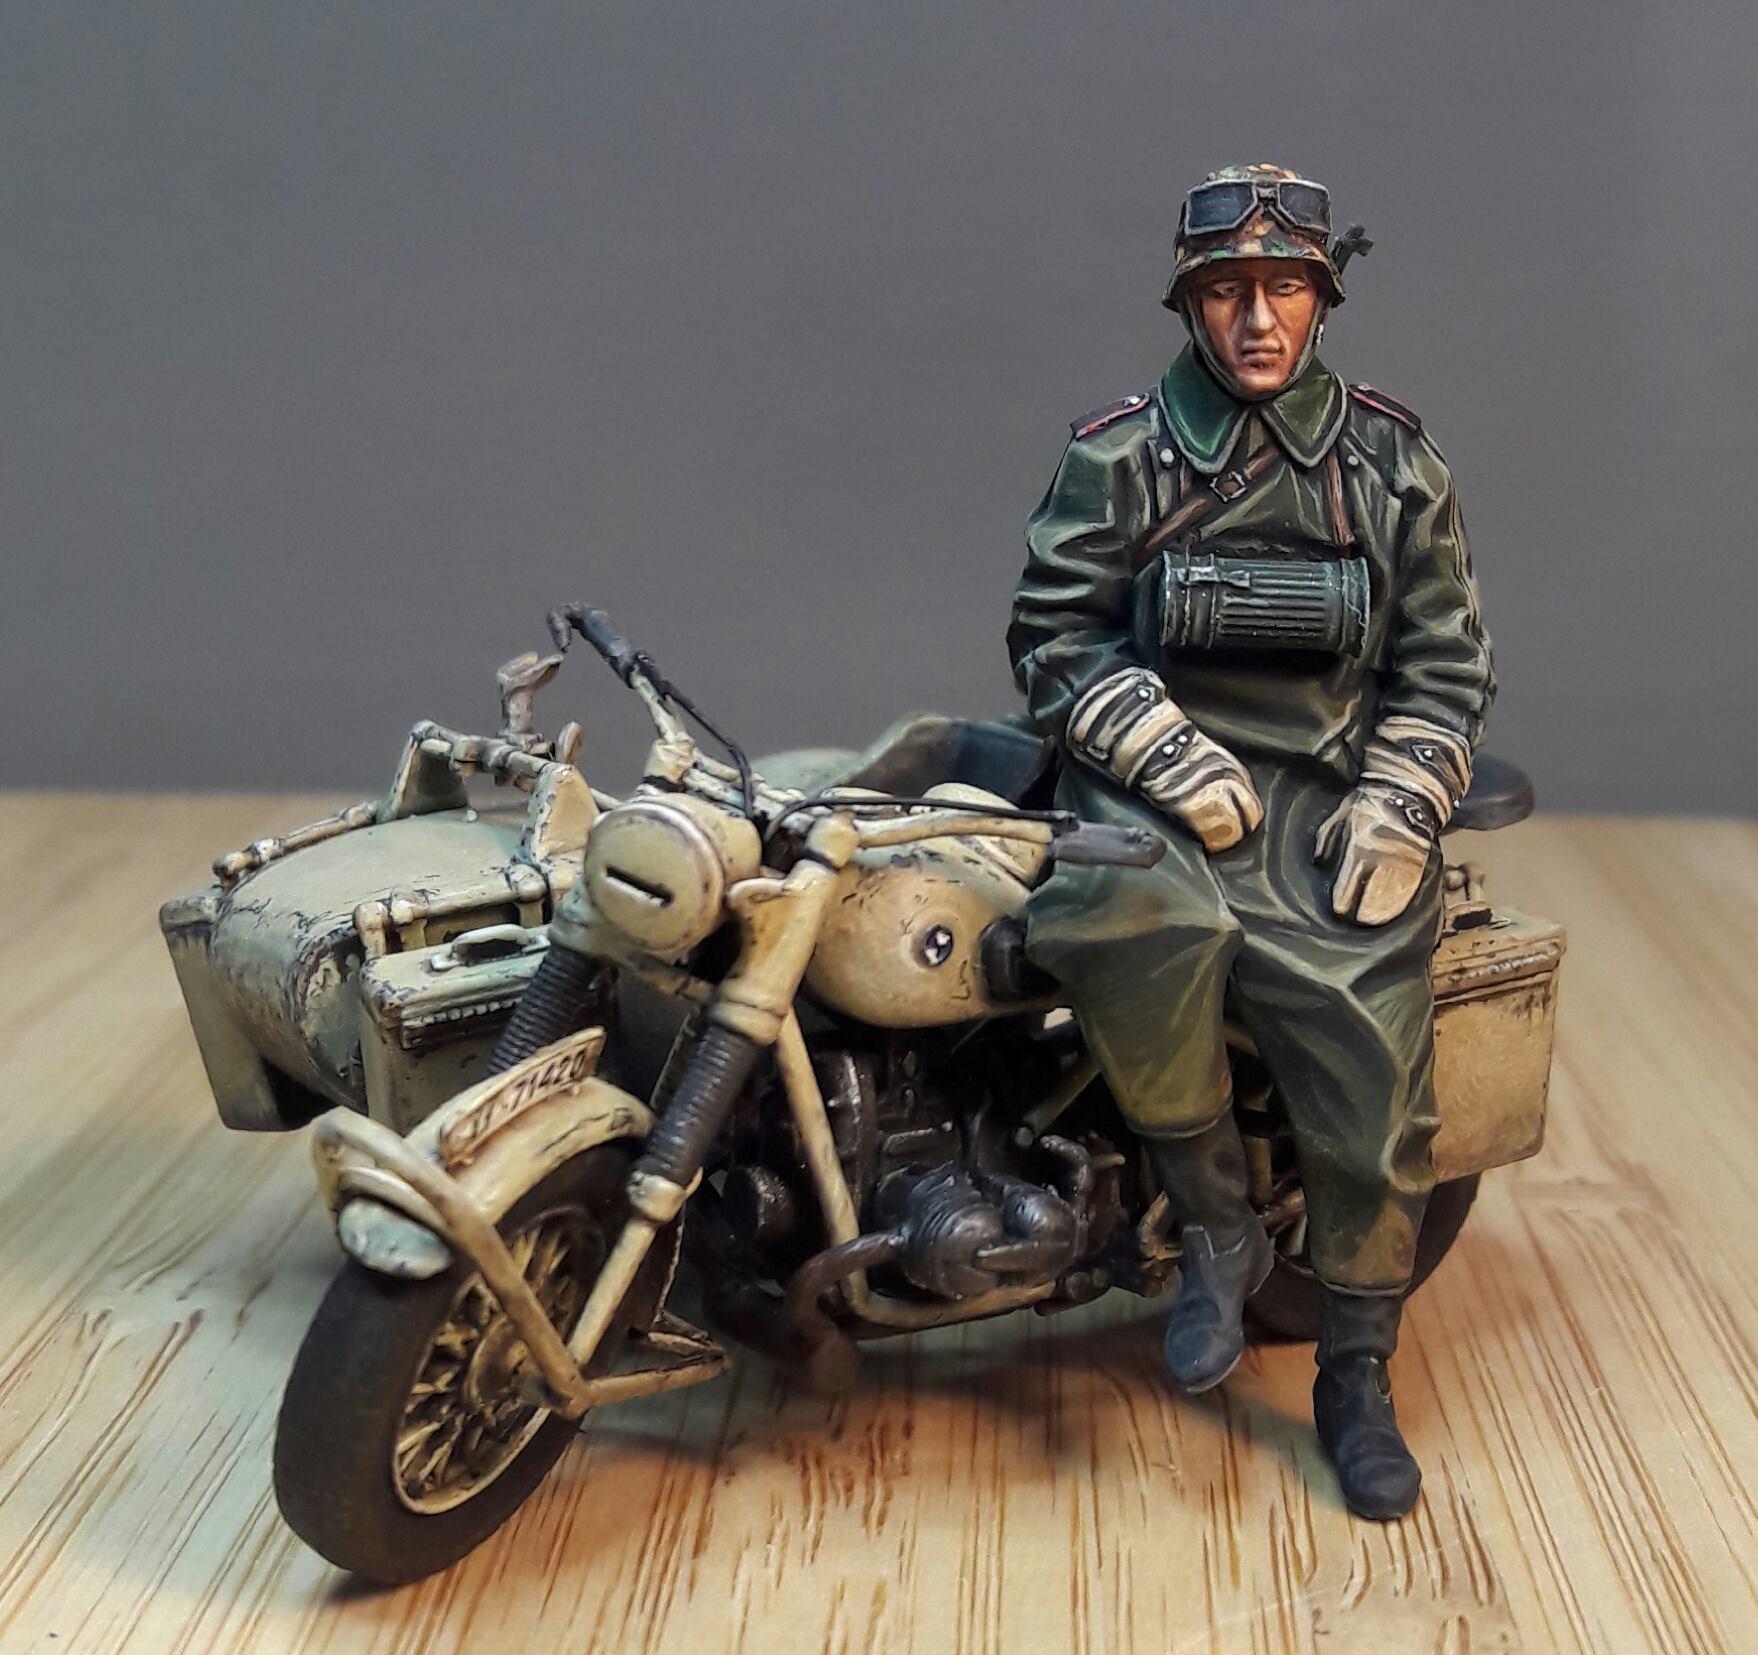 Zündapp KS750 - Sidecar - Great Wall Hobby + figurines Alpine - 1/35 76626519720443102116827703193201409870757o